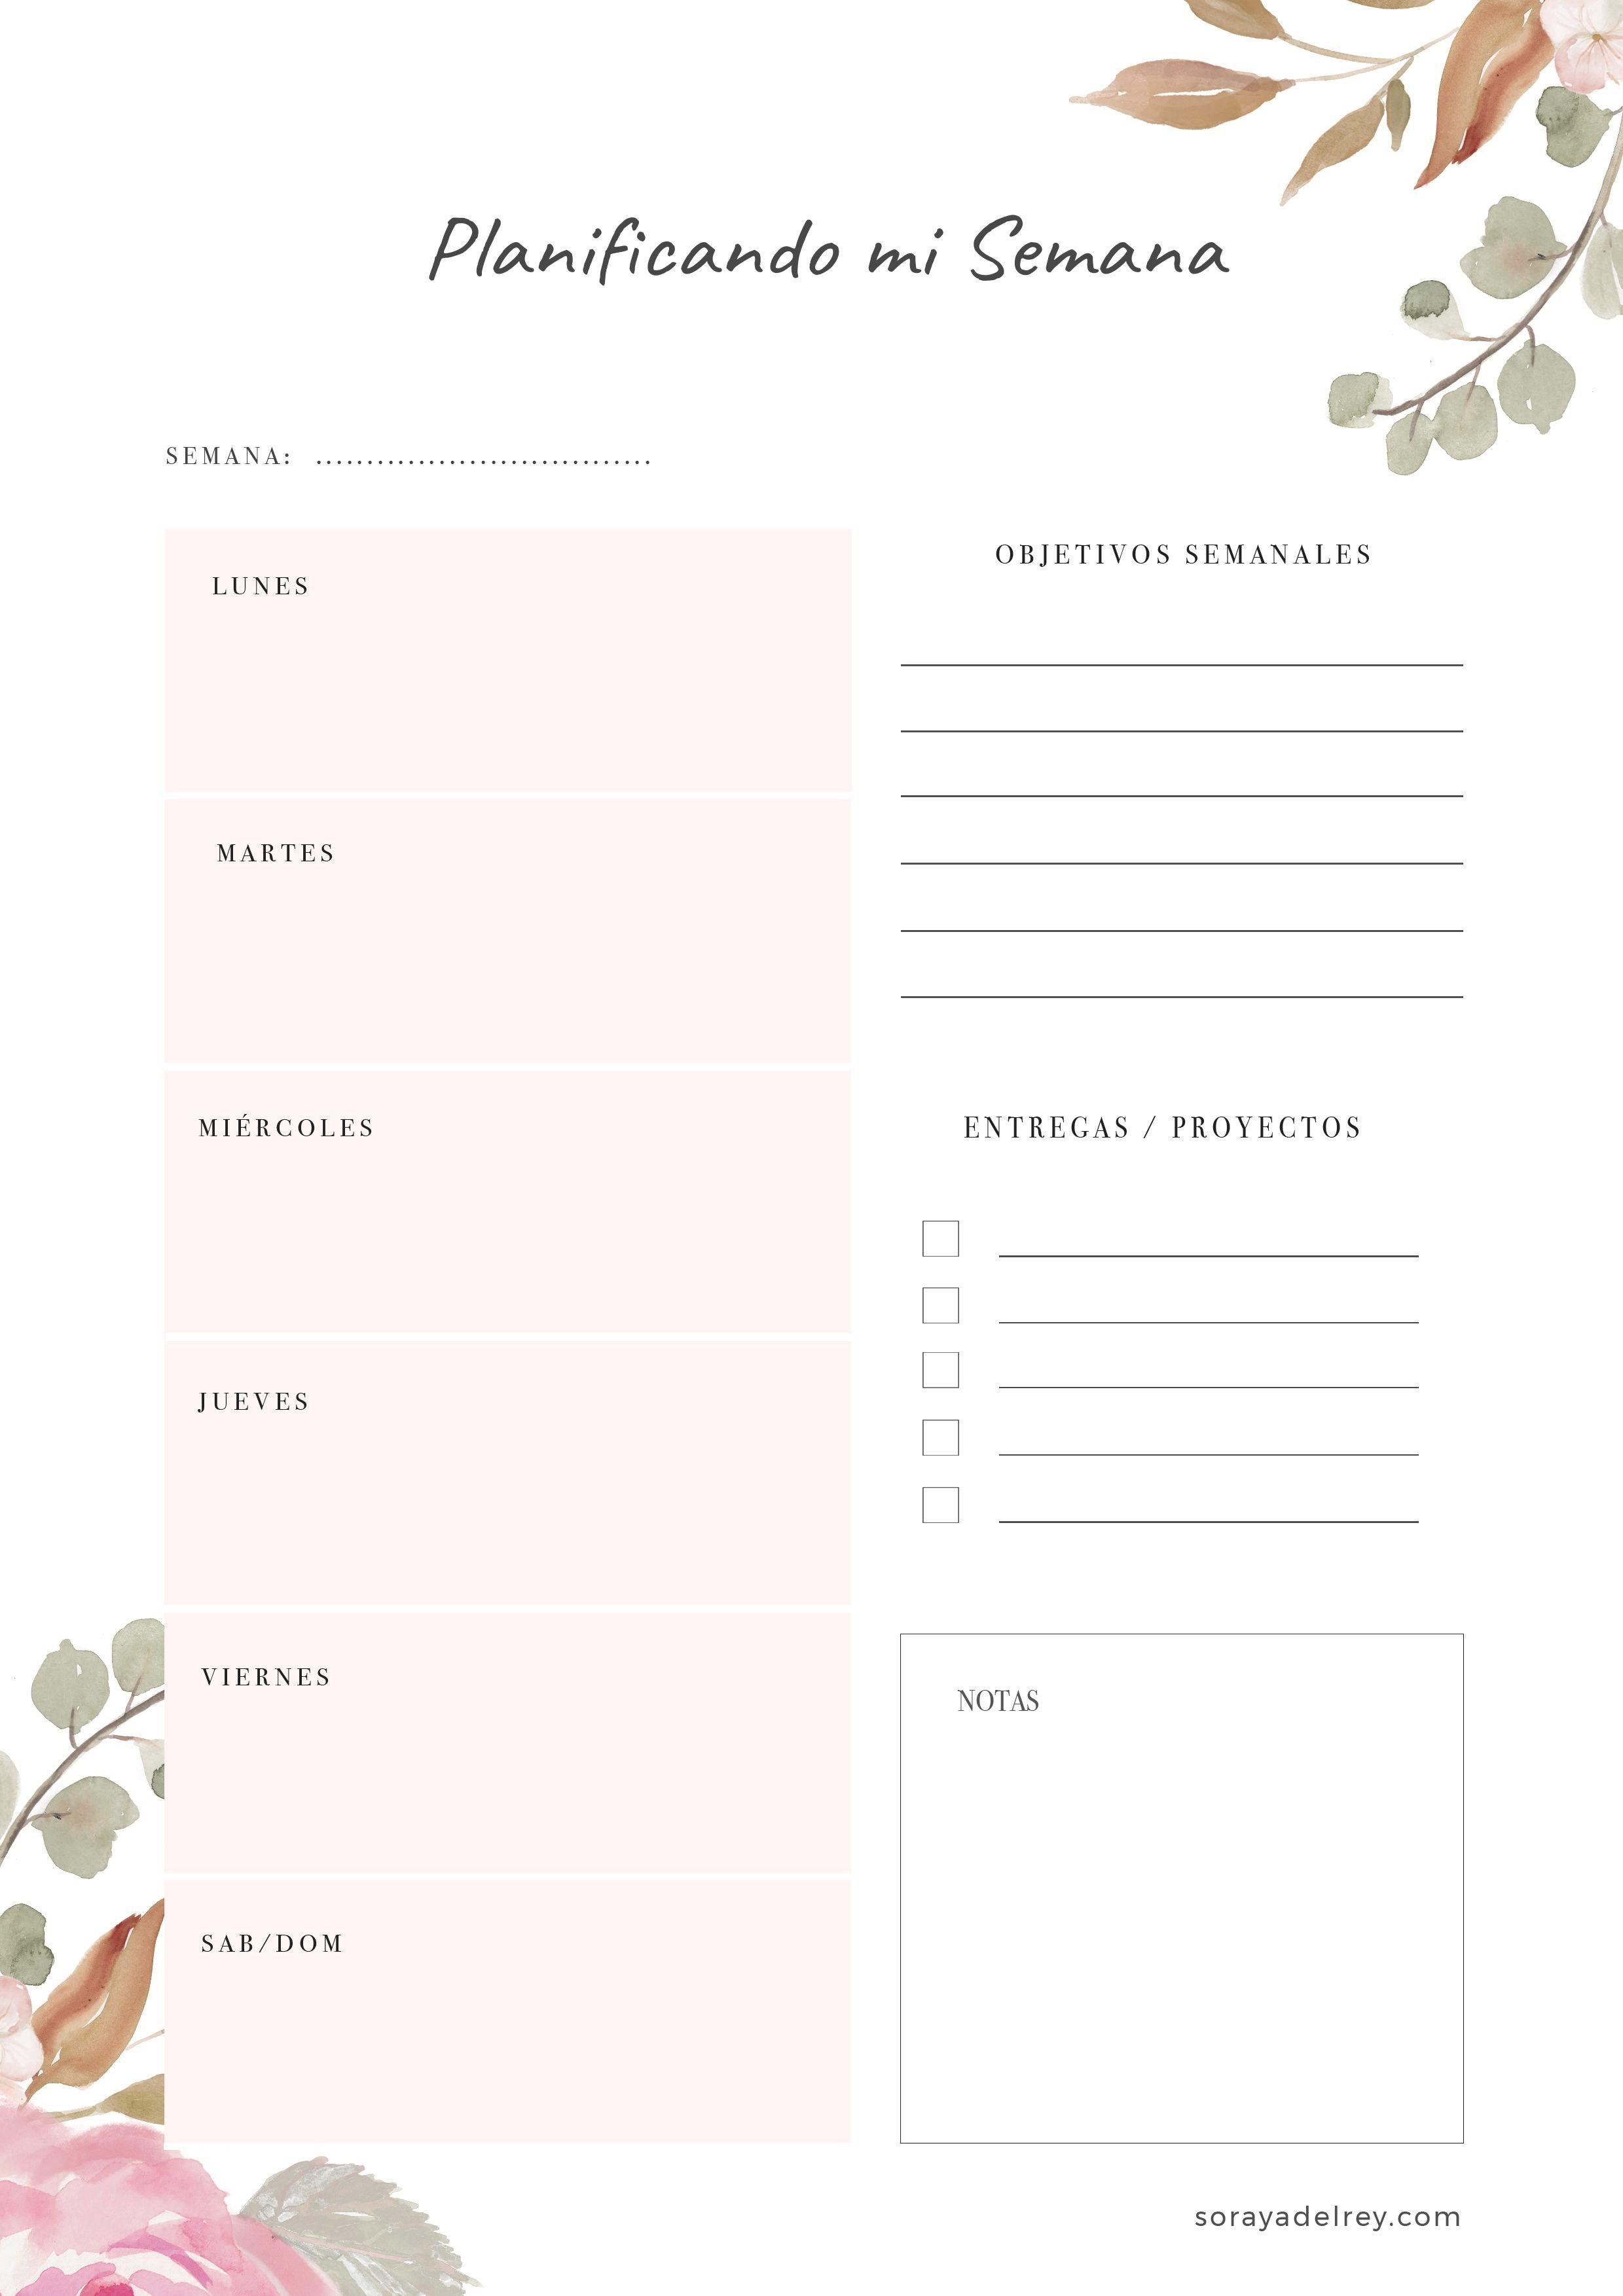 Calendario De Septiembre 2017 Para Imprimir Más Arriba-a-fecha soraya Del Rey sorayadelreyestudio En Pinterest